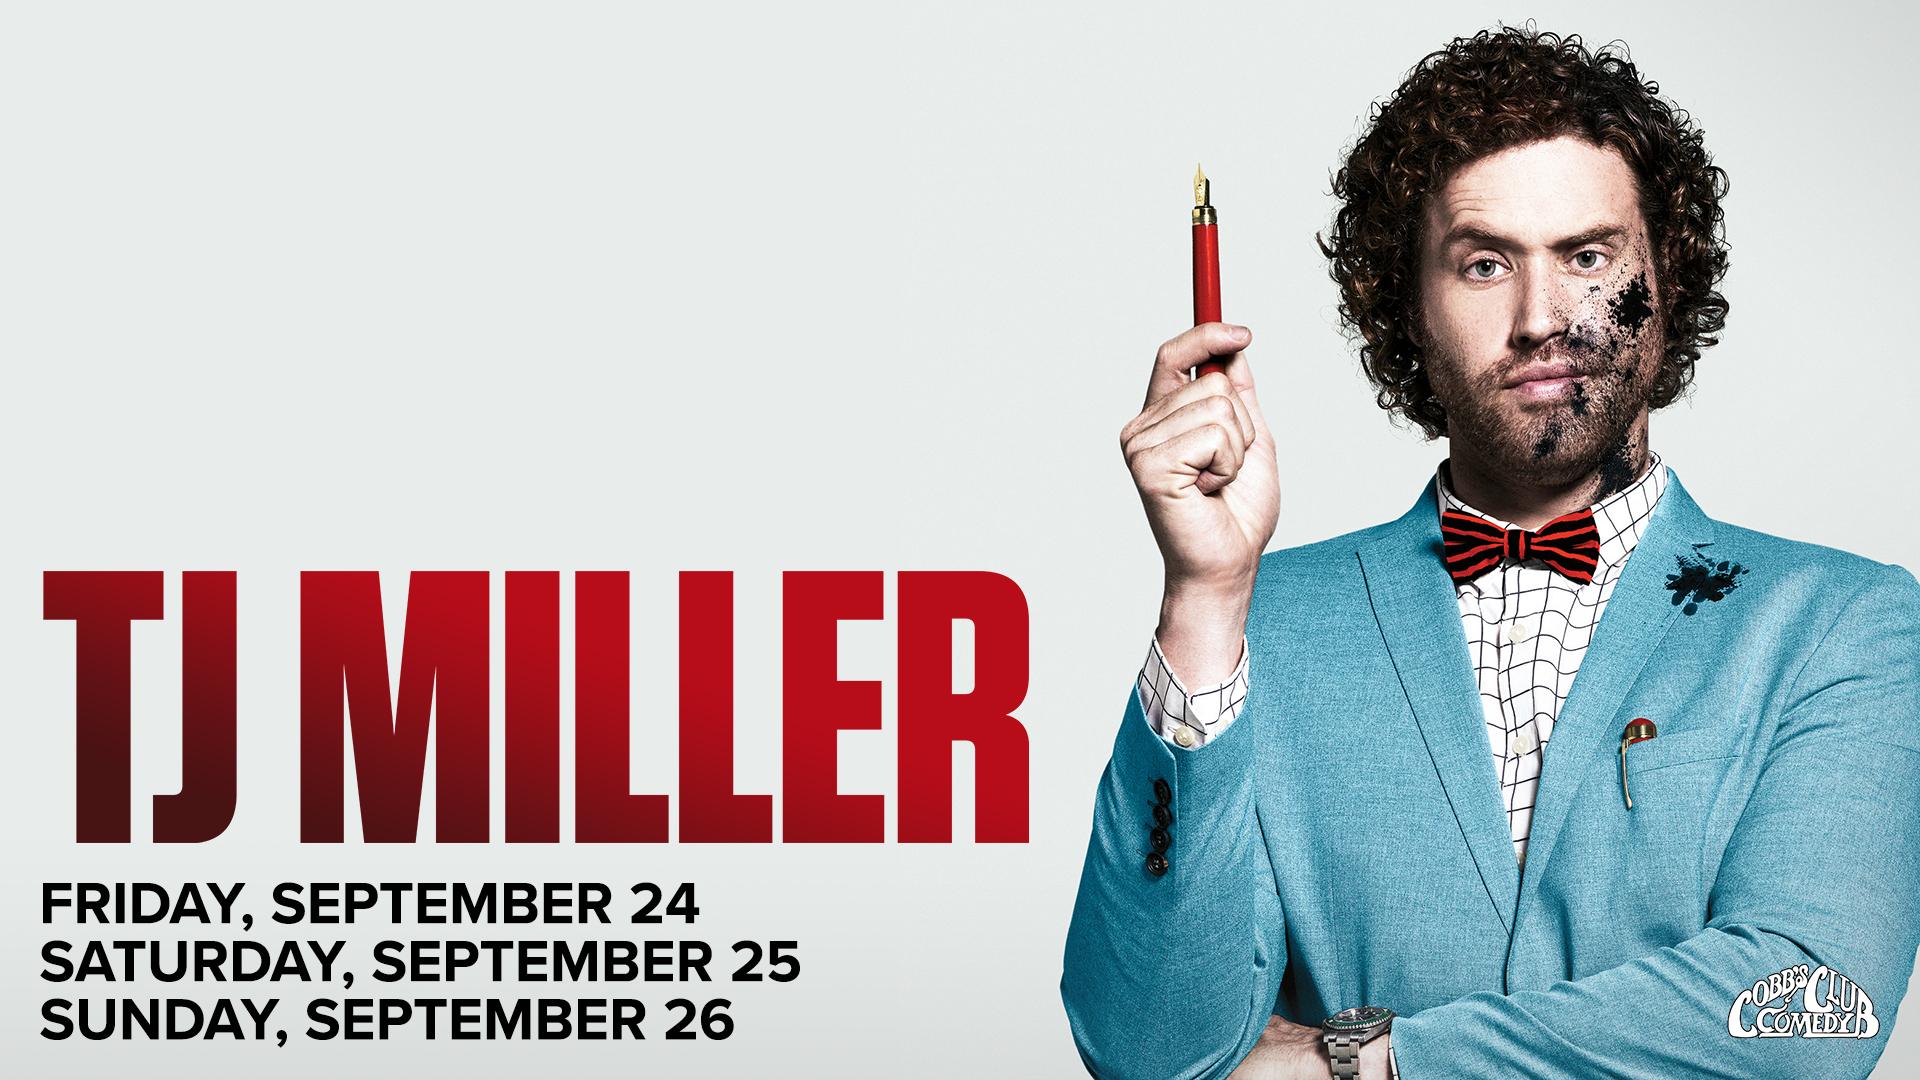 T.J. Miller: The Unkle Bulbous Tour